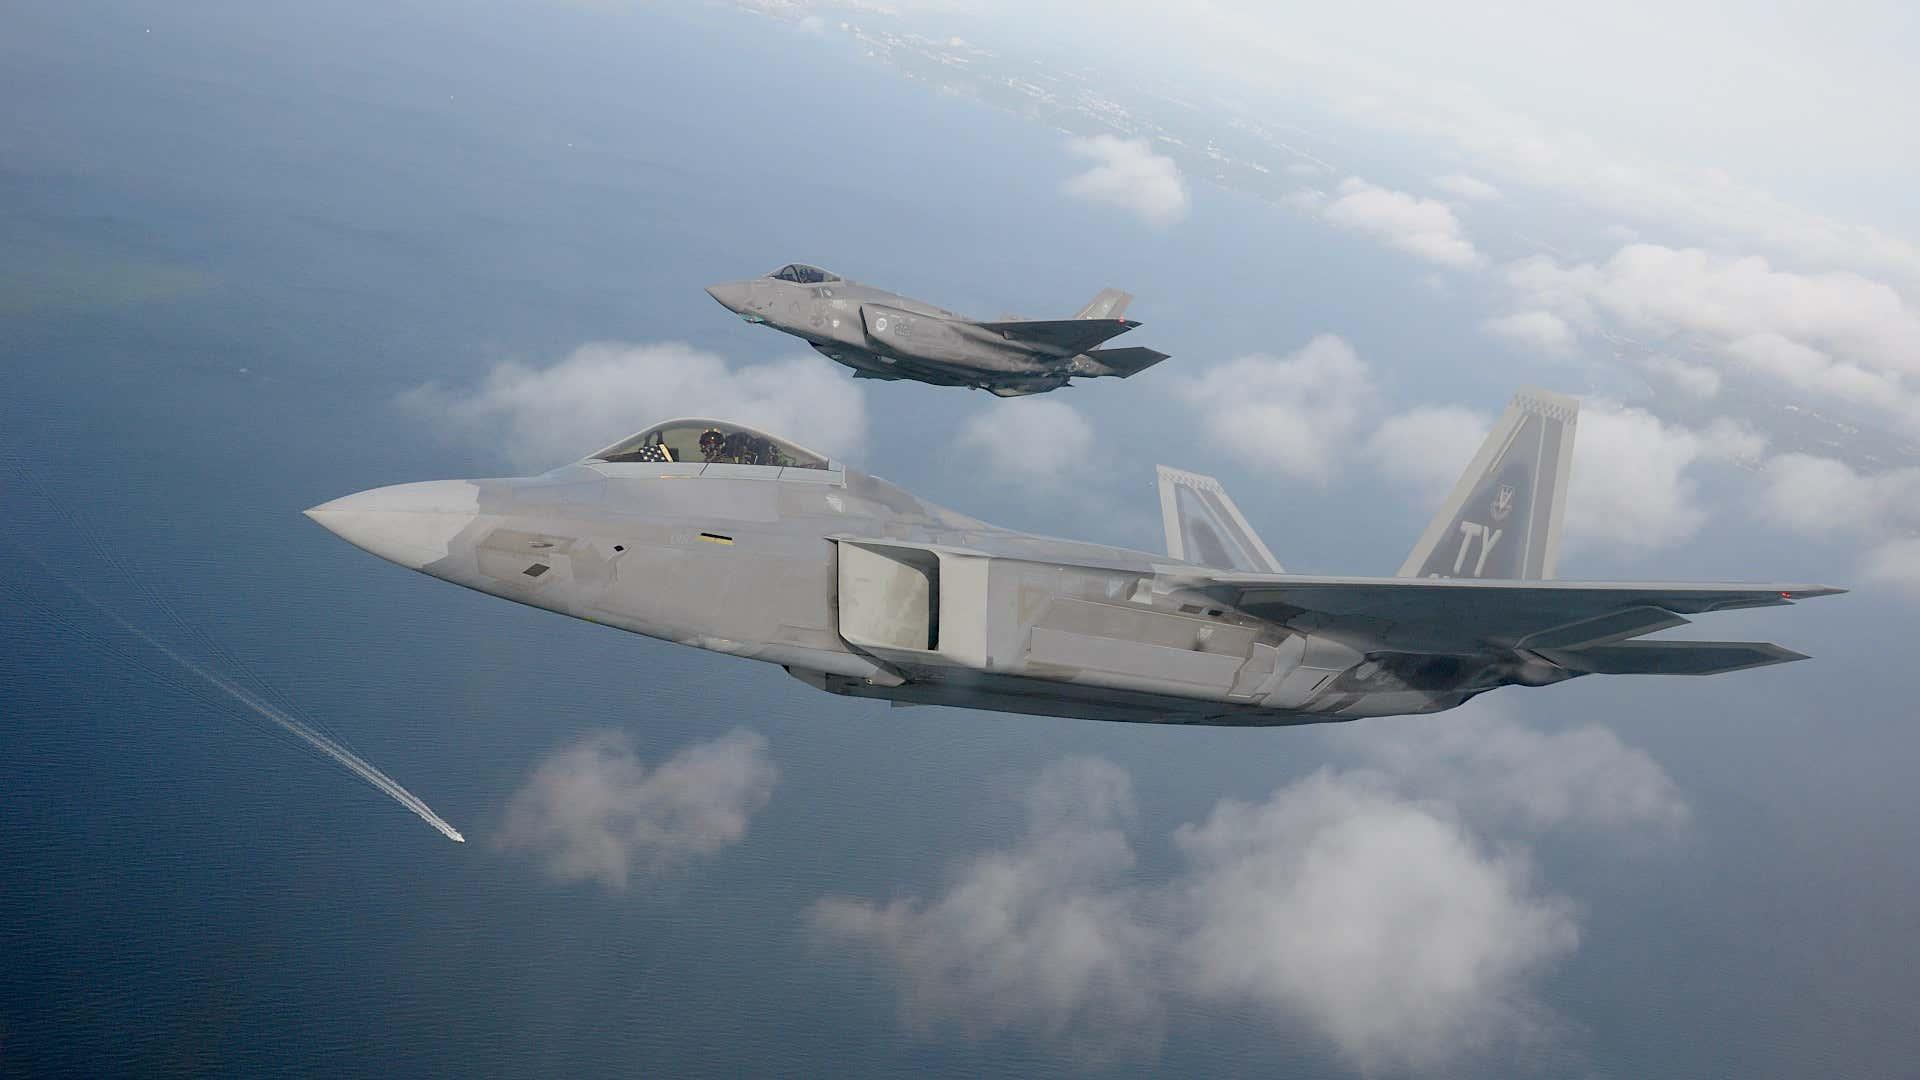 Pifias de la industria militar norteamericana: El ejército de EE. UU. Ni siquiera rastrea cuántas armas pierde, y ha perdido miles - Página 2 Message-editor%2F1620083872978-f-22-f-35